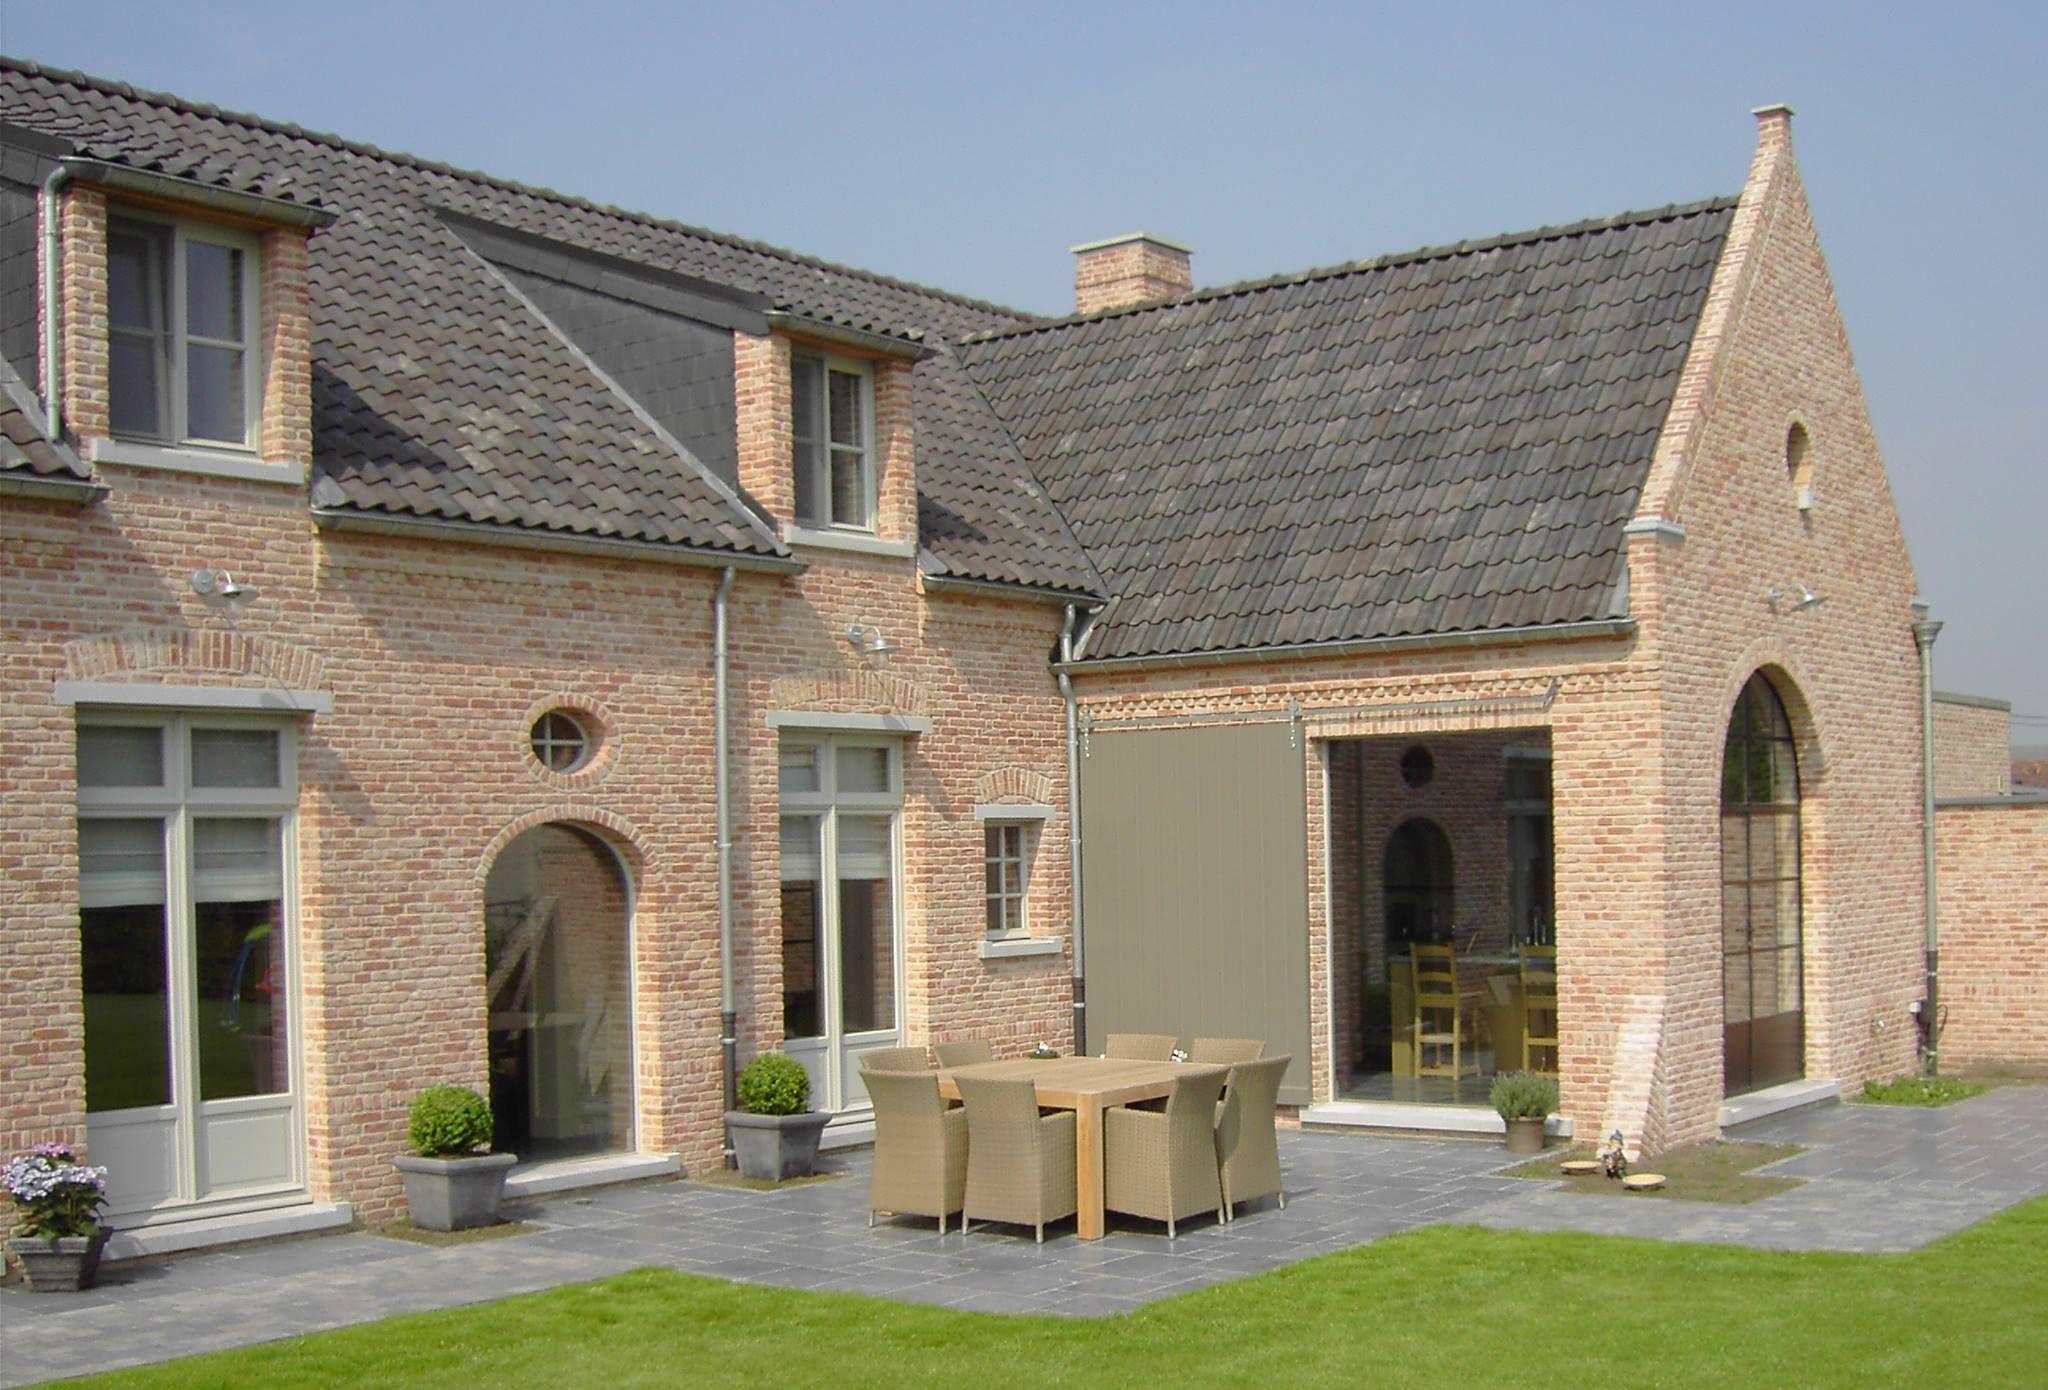 Fen tre type de brique plan de maison woonboerderij for Constructeur maison belge